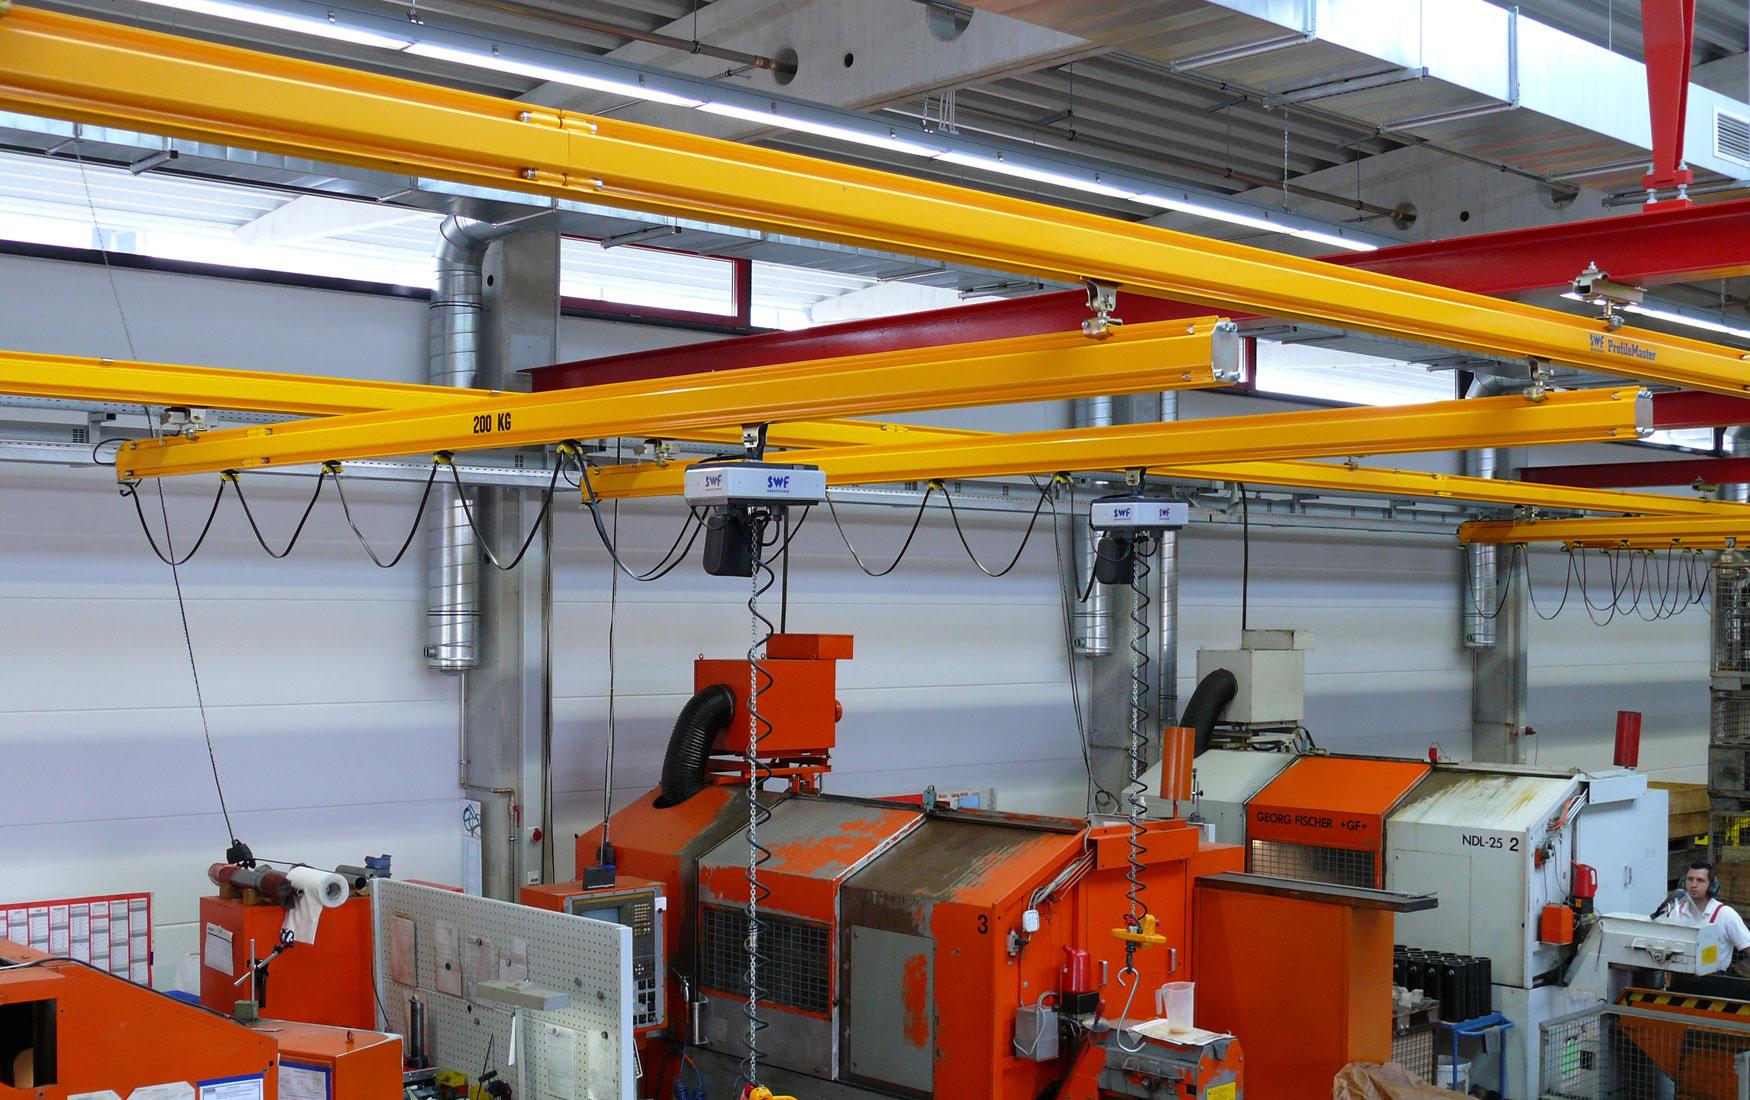 teollisuus-metalliteollisuus-teollisuuden-profiilinosturit-satateras_1